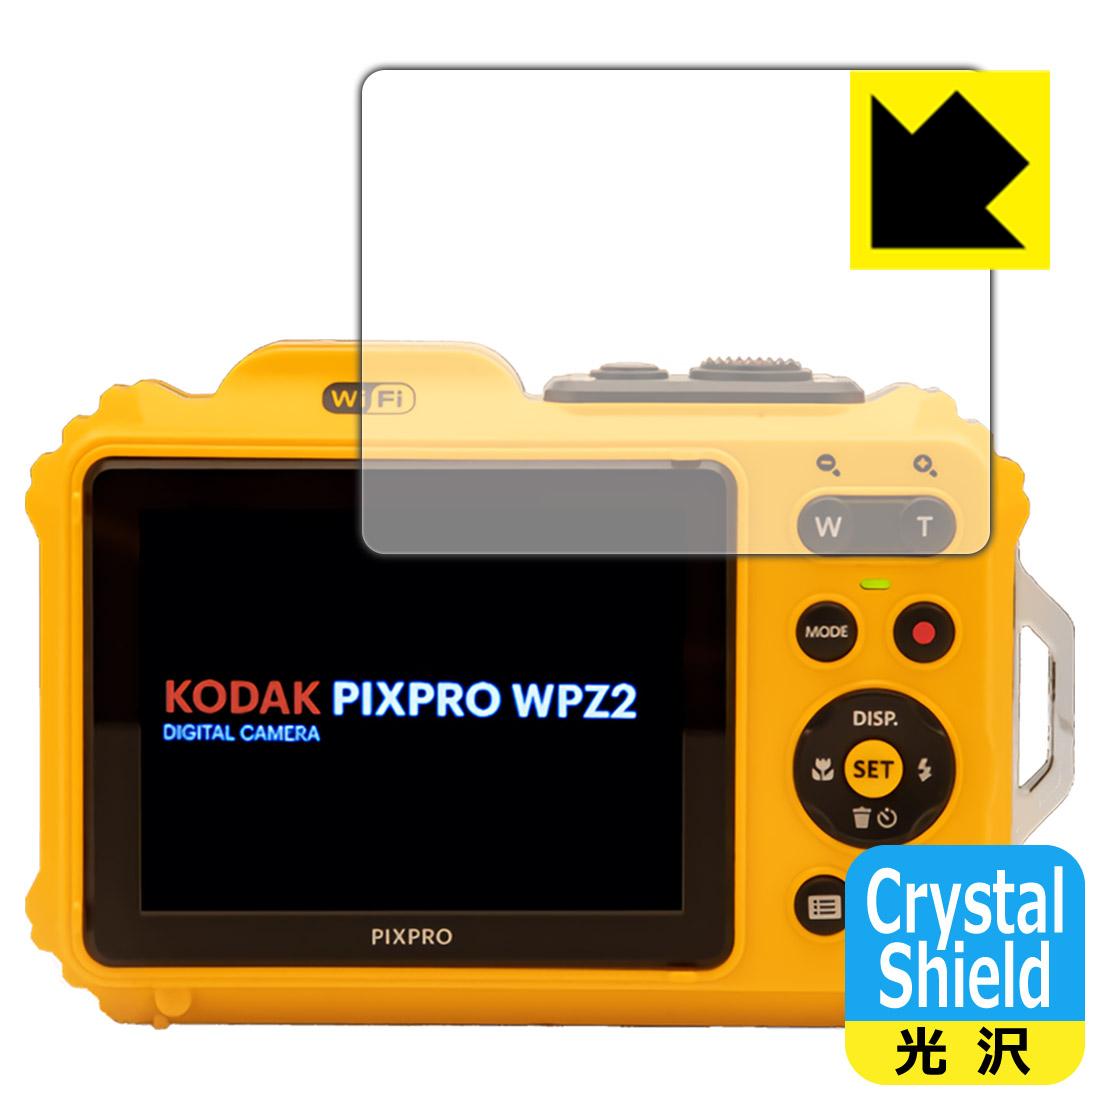 【光沢タイプ】KODAK PIXPRO WPZ2 (液晶用) 専用保護フィルム(保護シート) Crystal Shield KODAK PIXPRO WPZ2 (液晶用) 【smtb-kd】